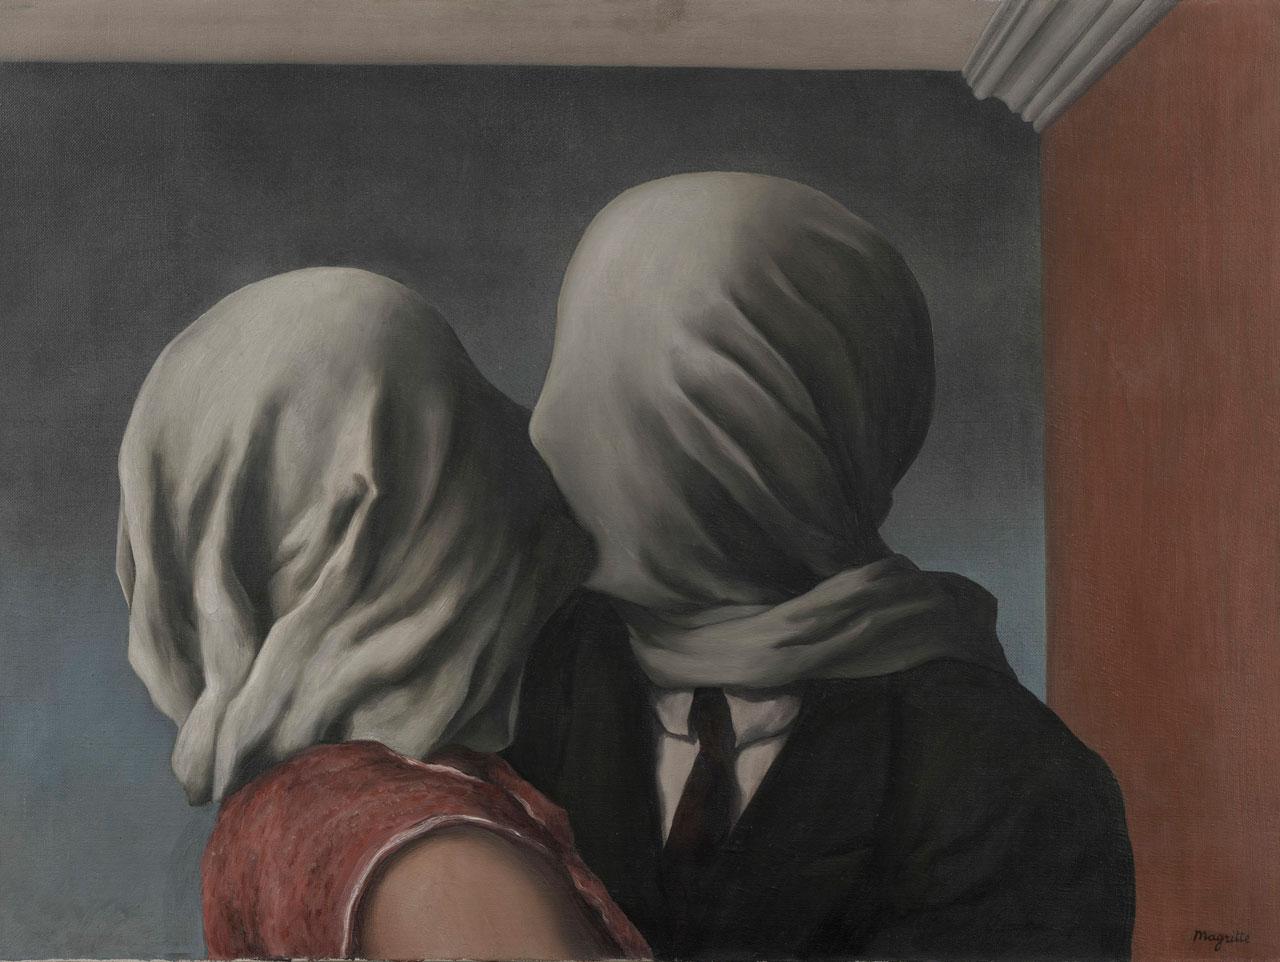 René Magritte, Les Amants, 1928, oil on canvas